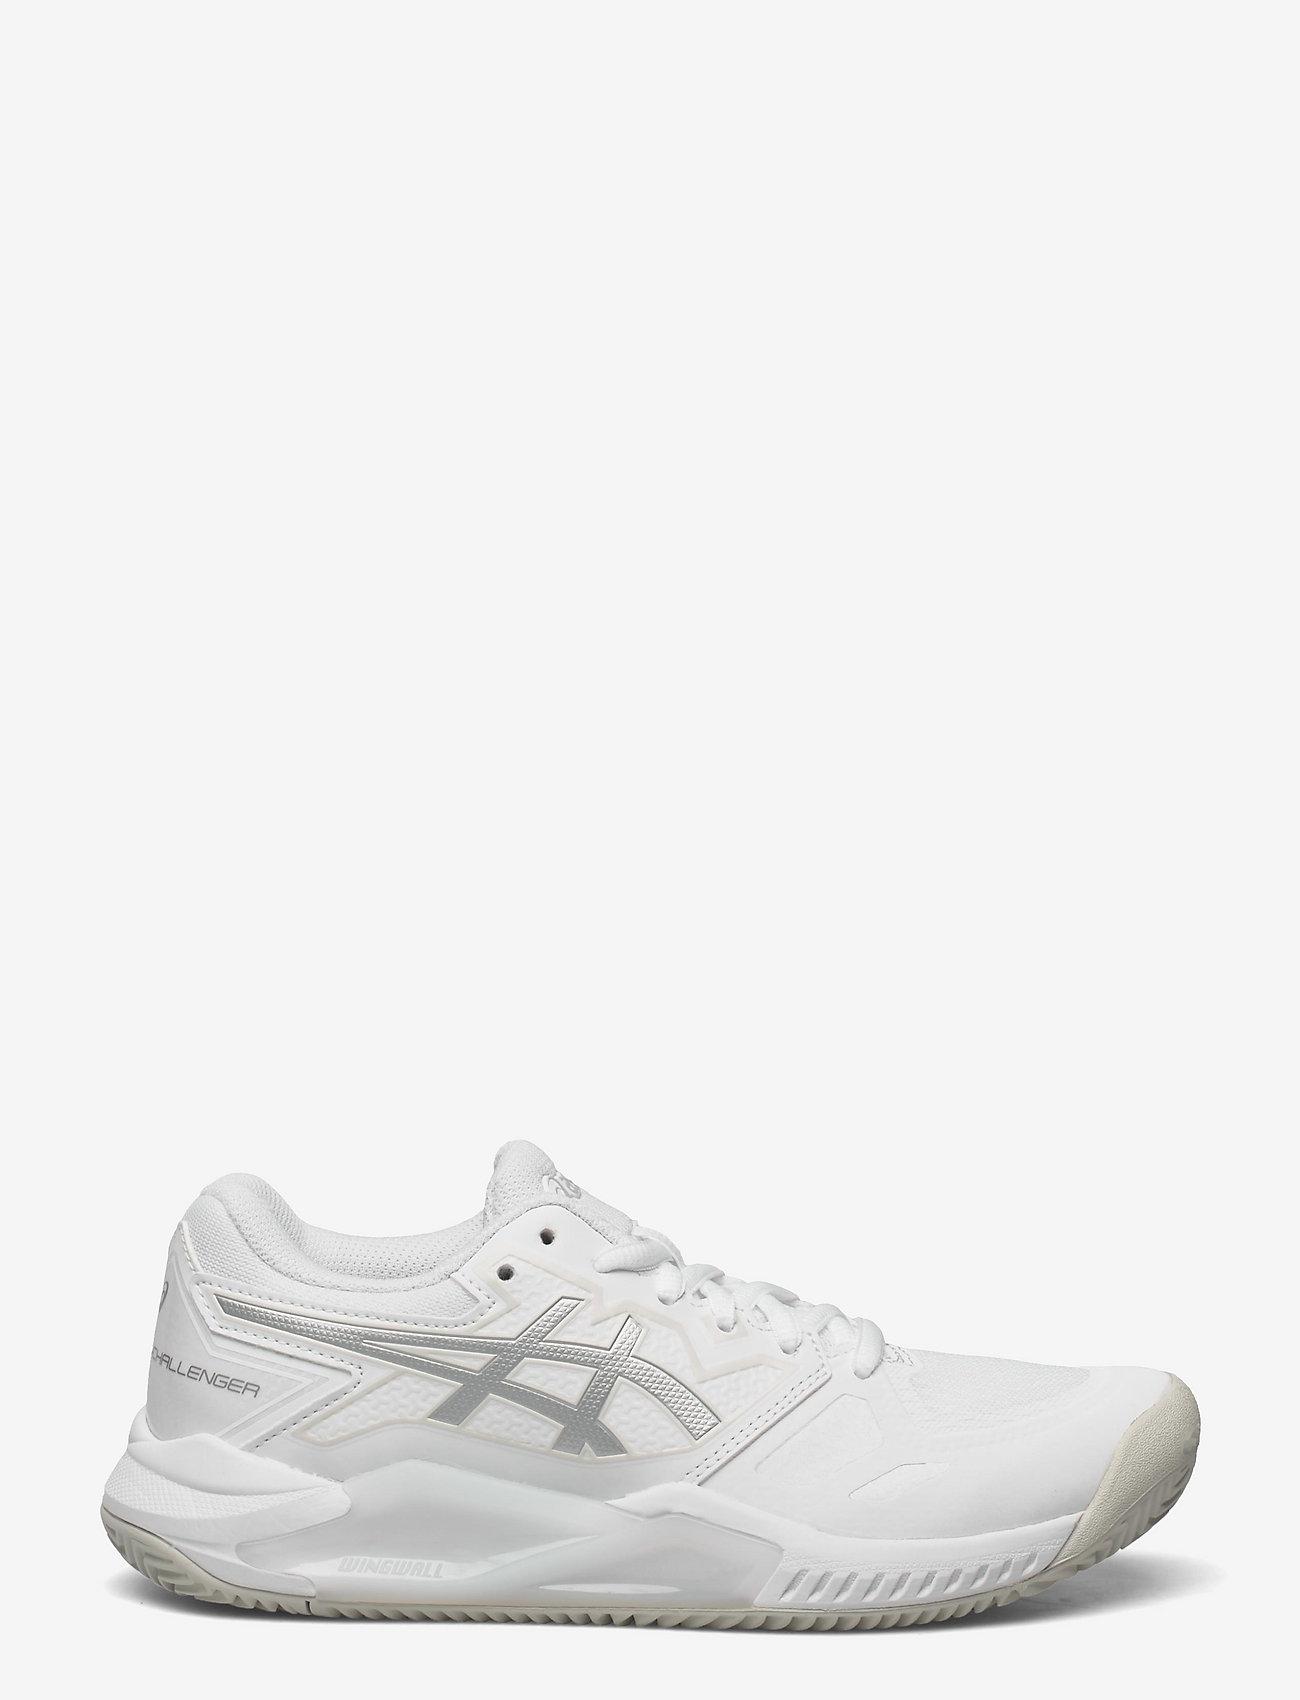 Asics - GEL-CHALLENGER 13 CLAY - ketsjersportsko - white/pure silver - 1